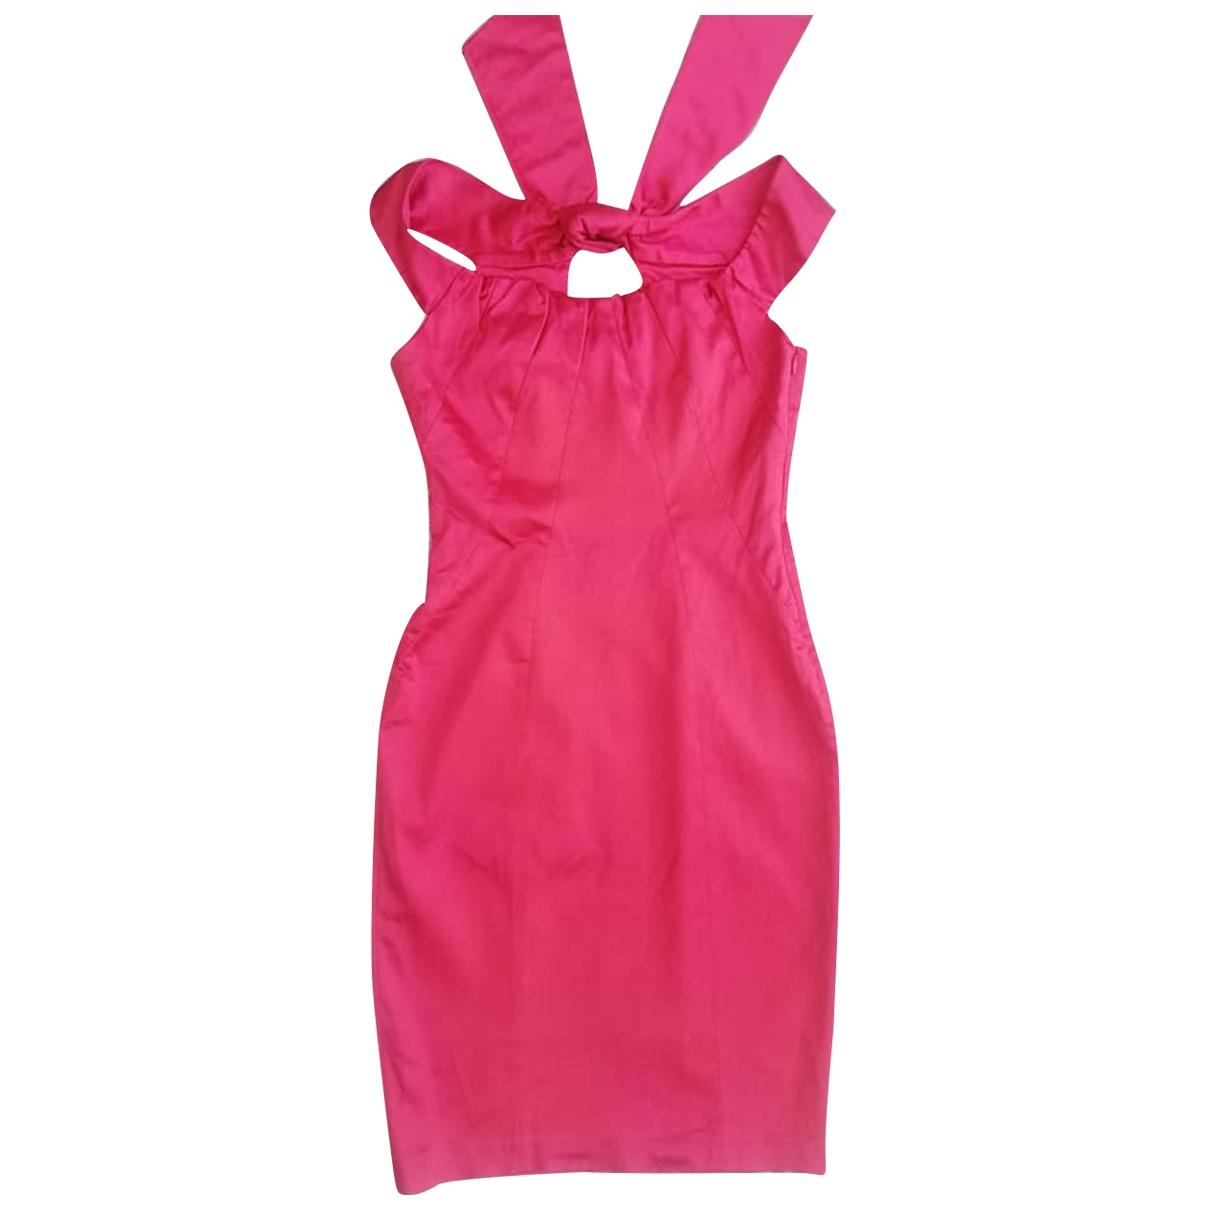 Karen Millen \N Red dress for Women 14-16 US